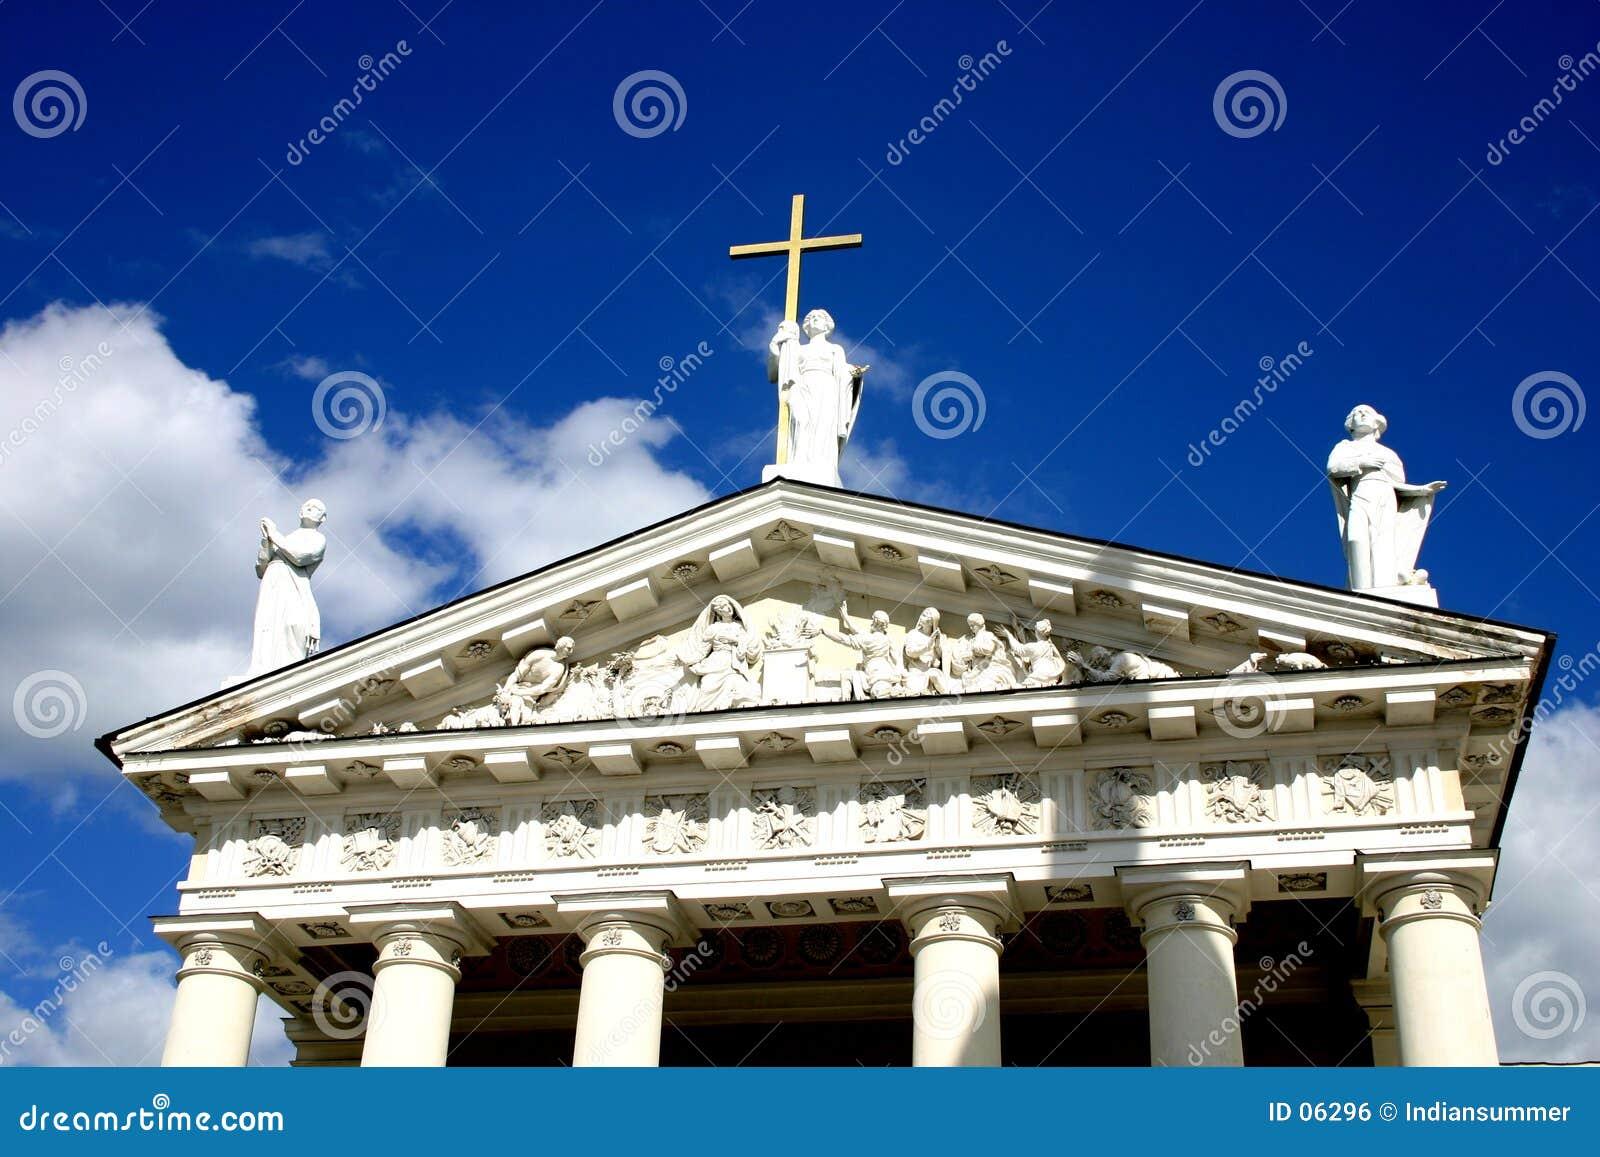 Statue sul tetto della cattedrale